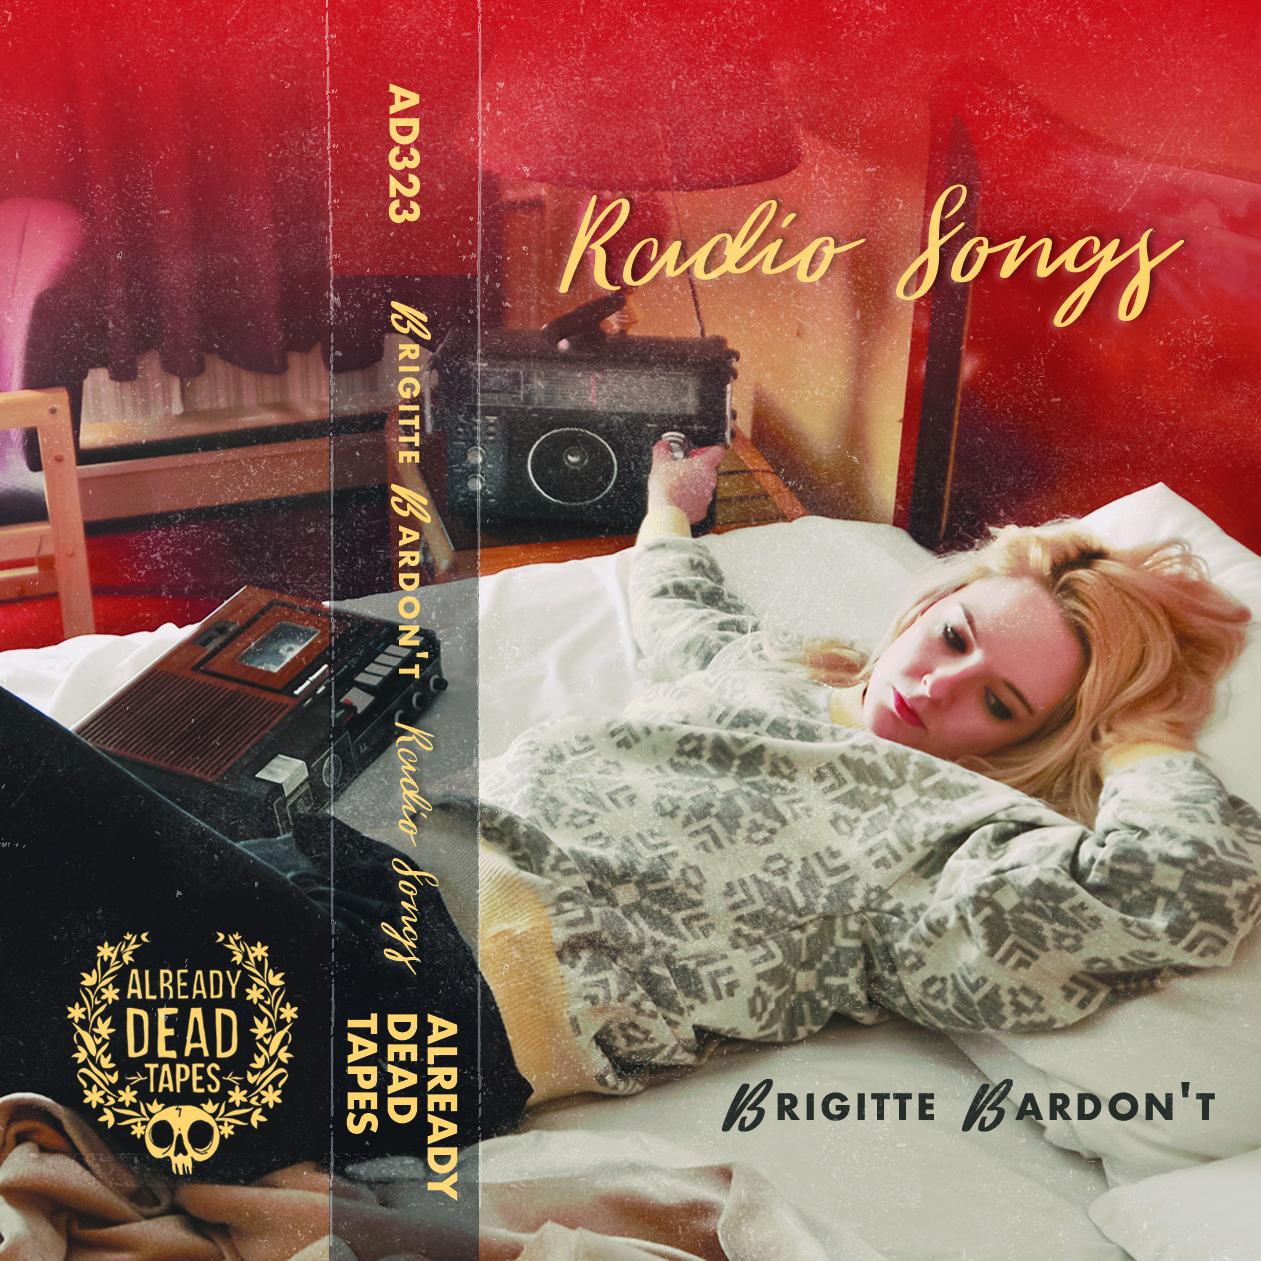 Brigitte Bardon't: Radio Songs – a Review